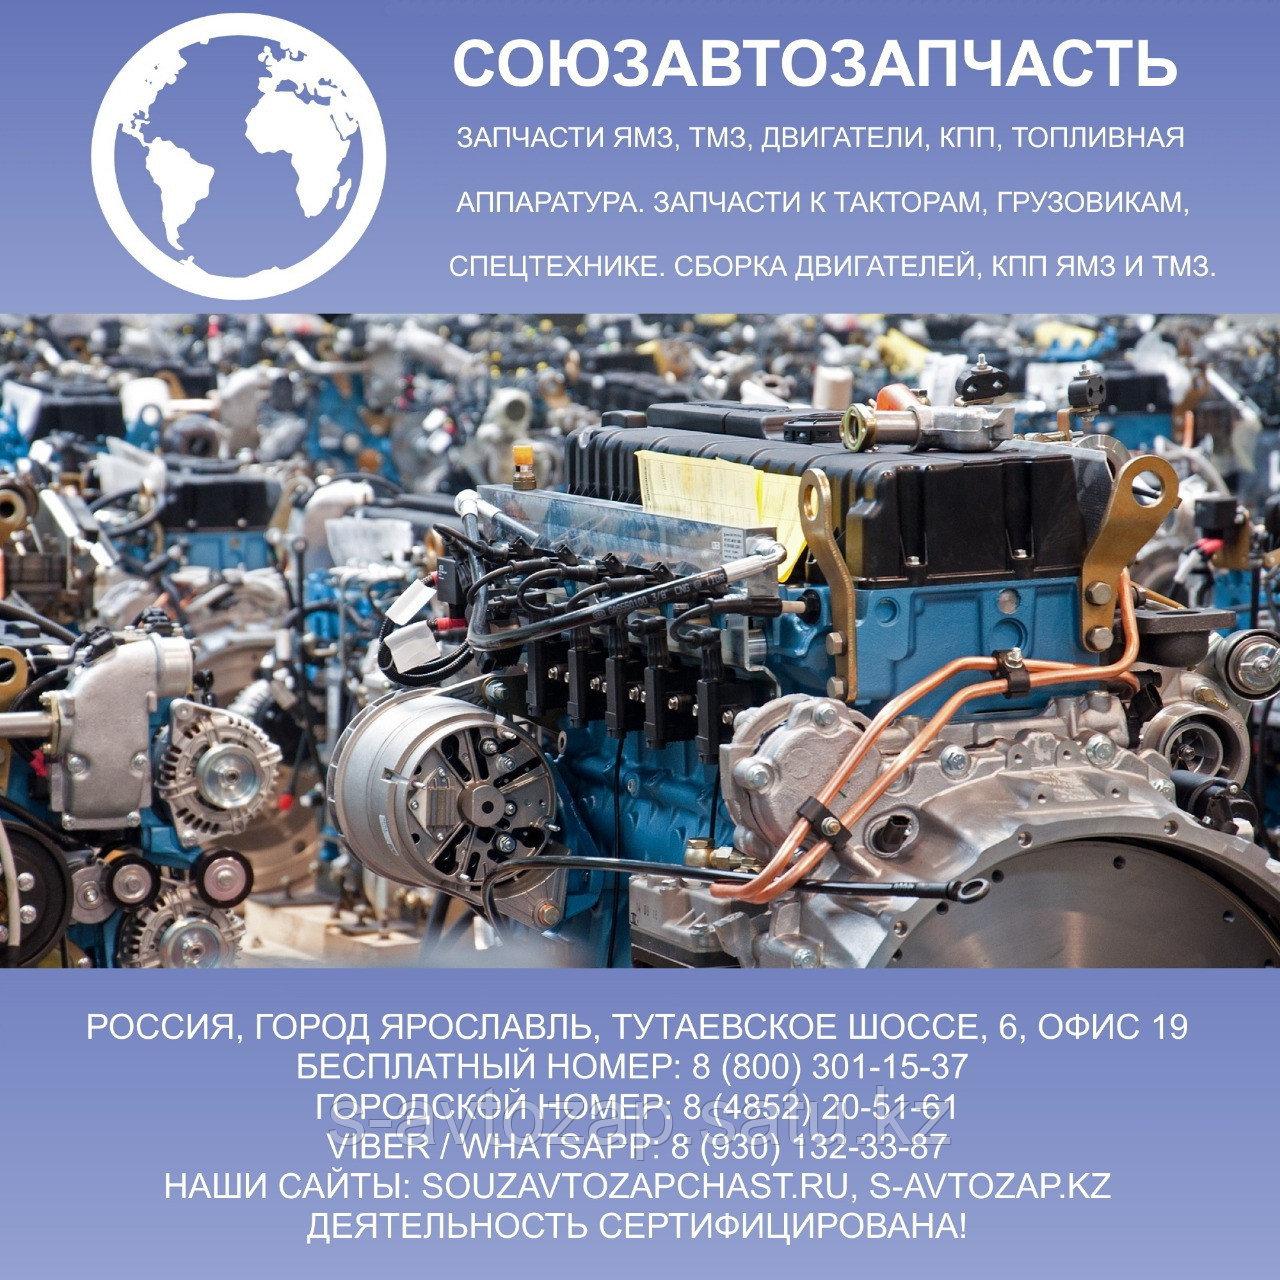 Головка блока цилиндров в сборе(ПАО Автодизель) для двигателя ЯМЗ 658-1003013-30